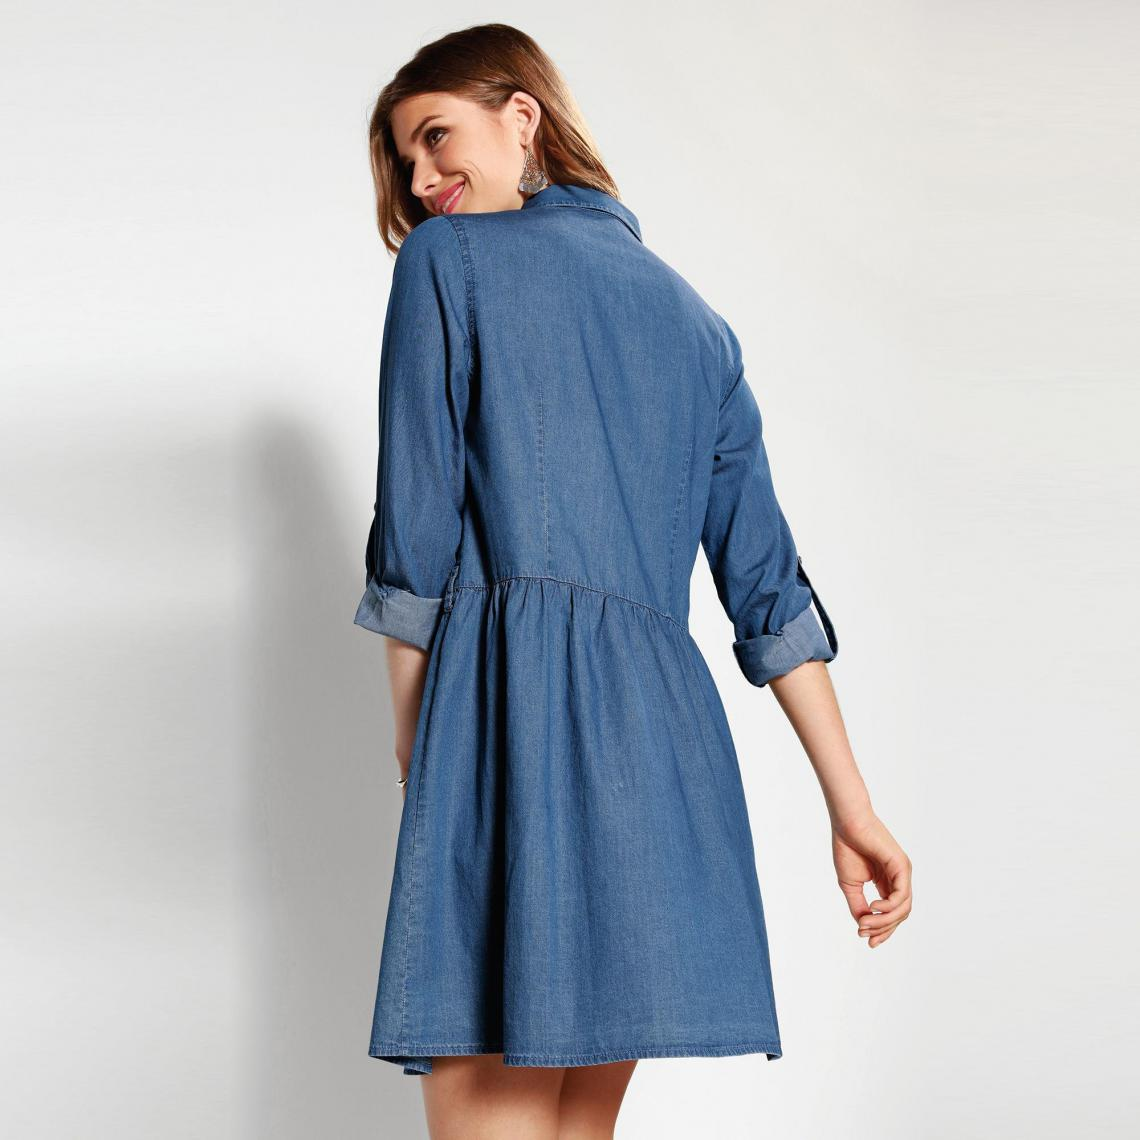 a6abe76f47c Robe courte 3 SUISSES Cliquez l image pour l agrandir. Robe en jean manches  longues et fronces femme - Bleu 3 SUISSES